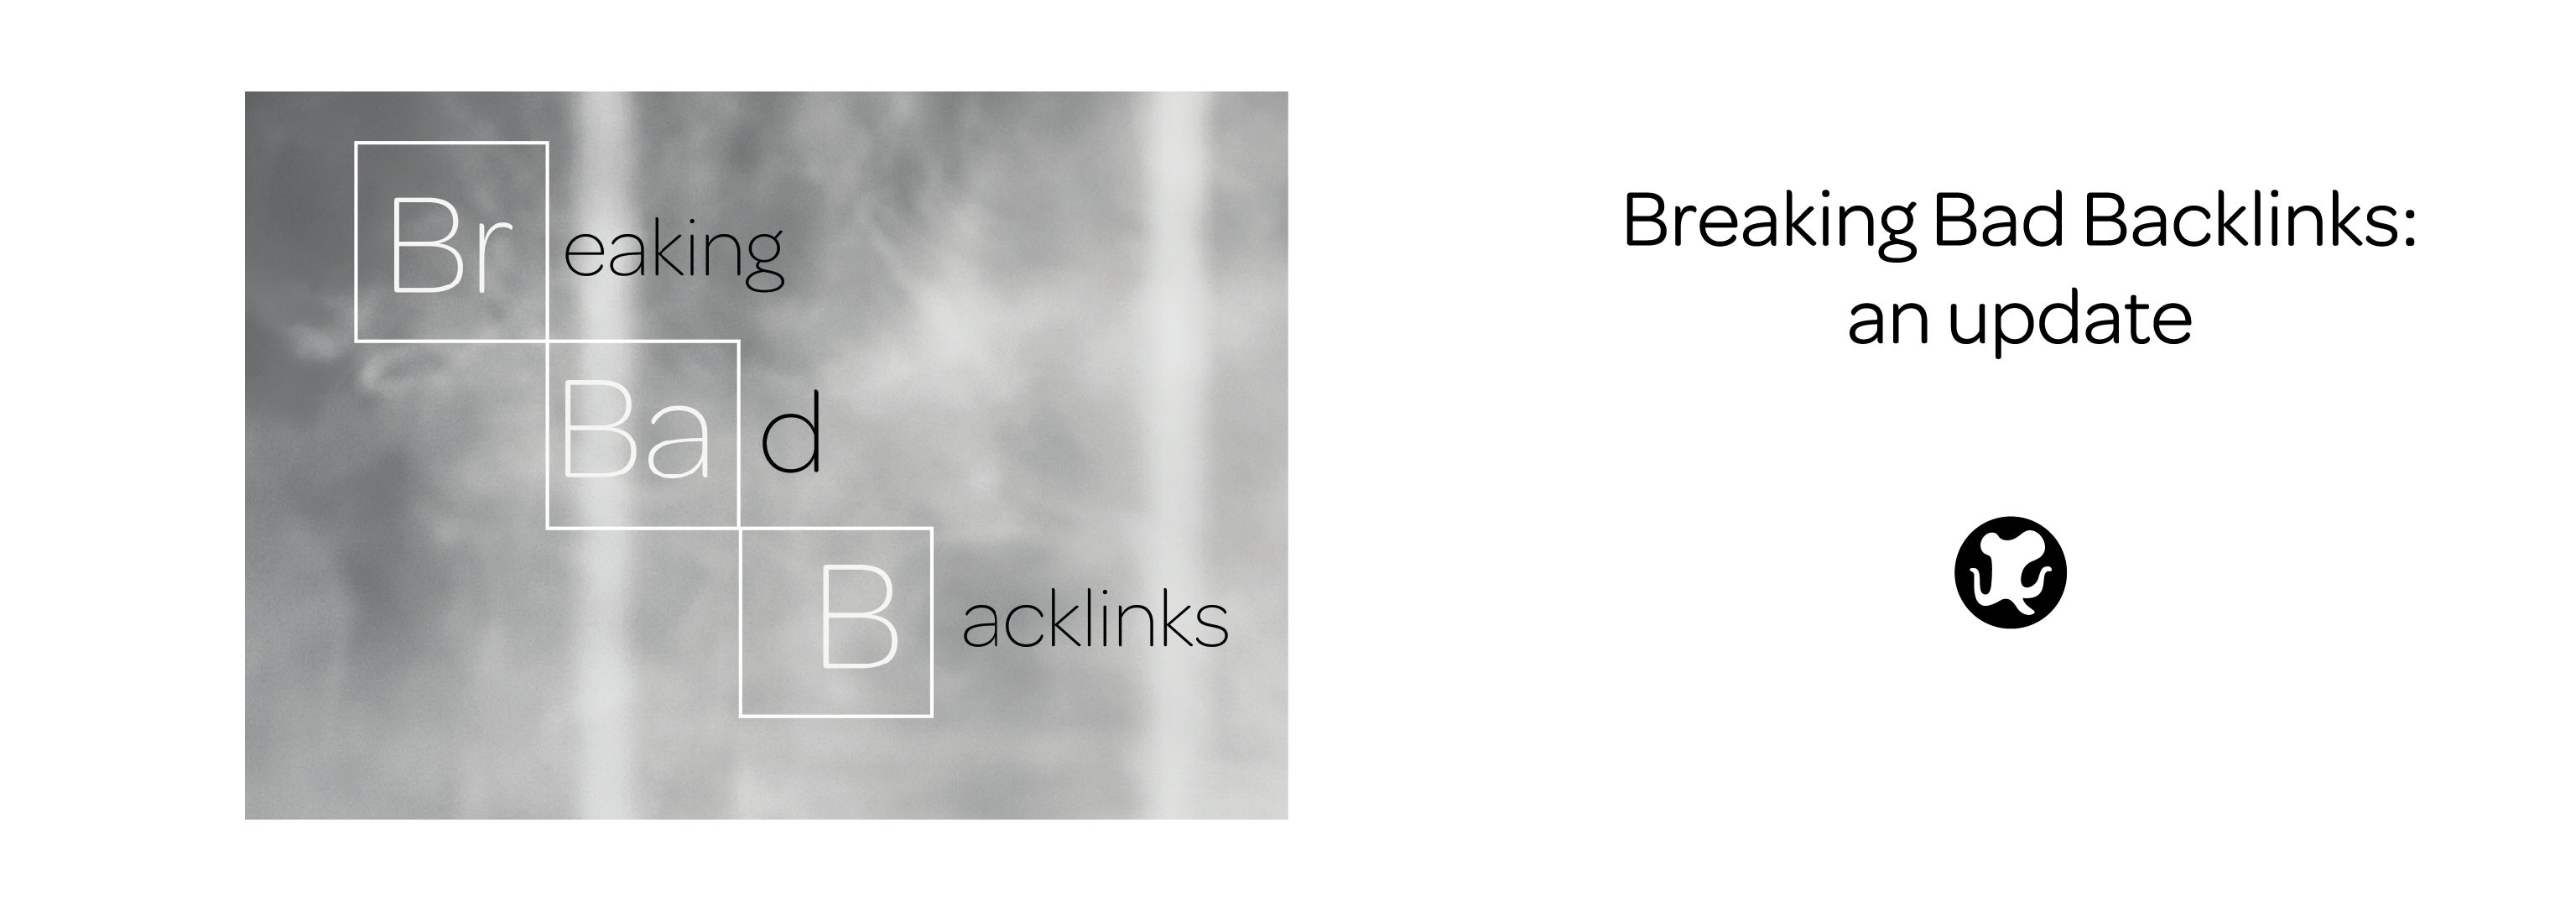 Breaking Bad Backlinks v2